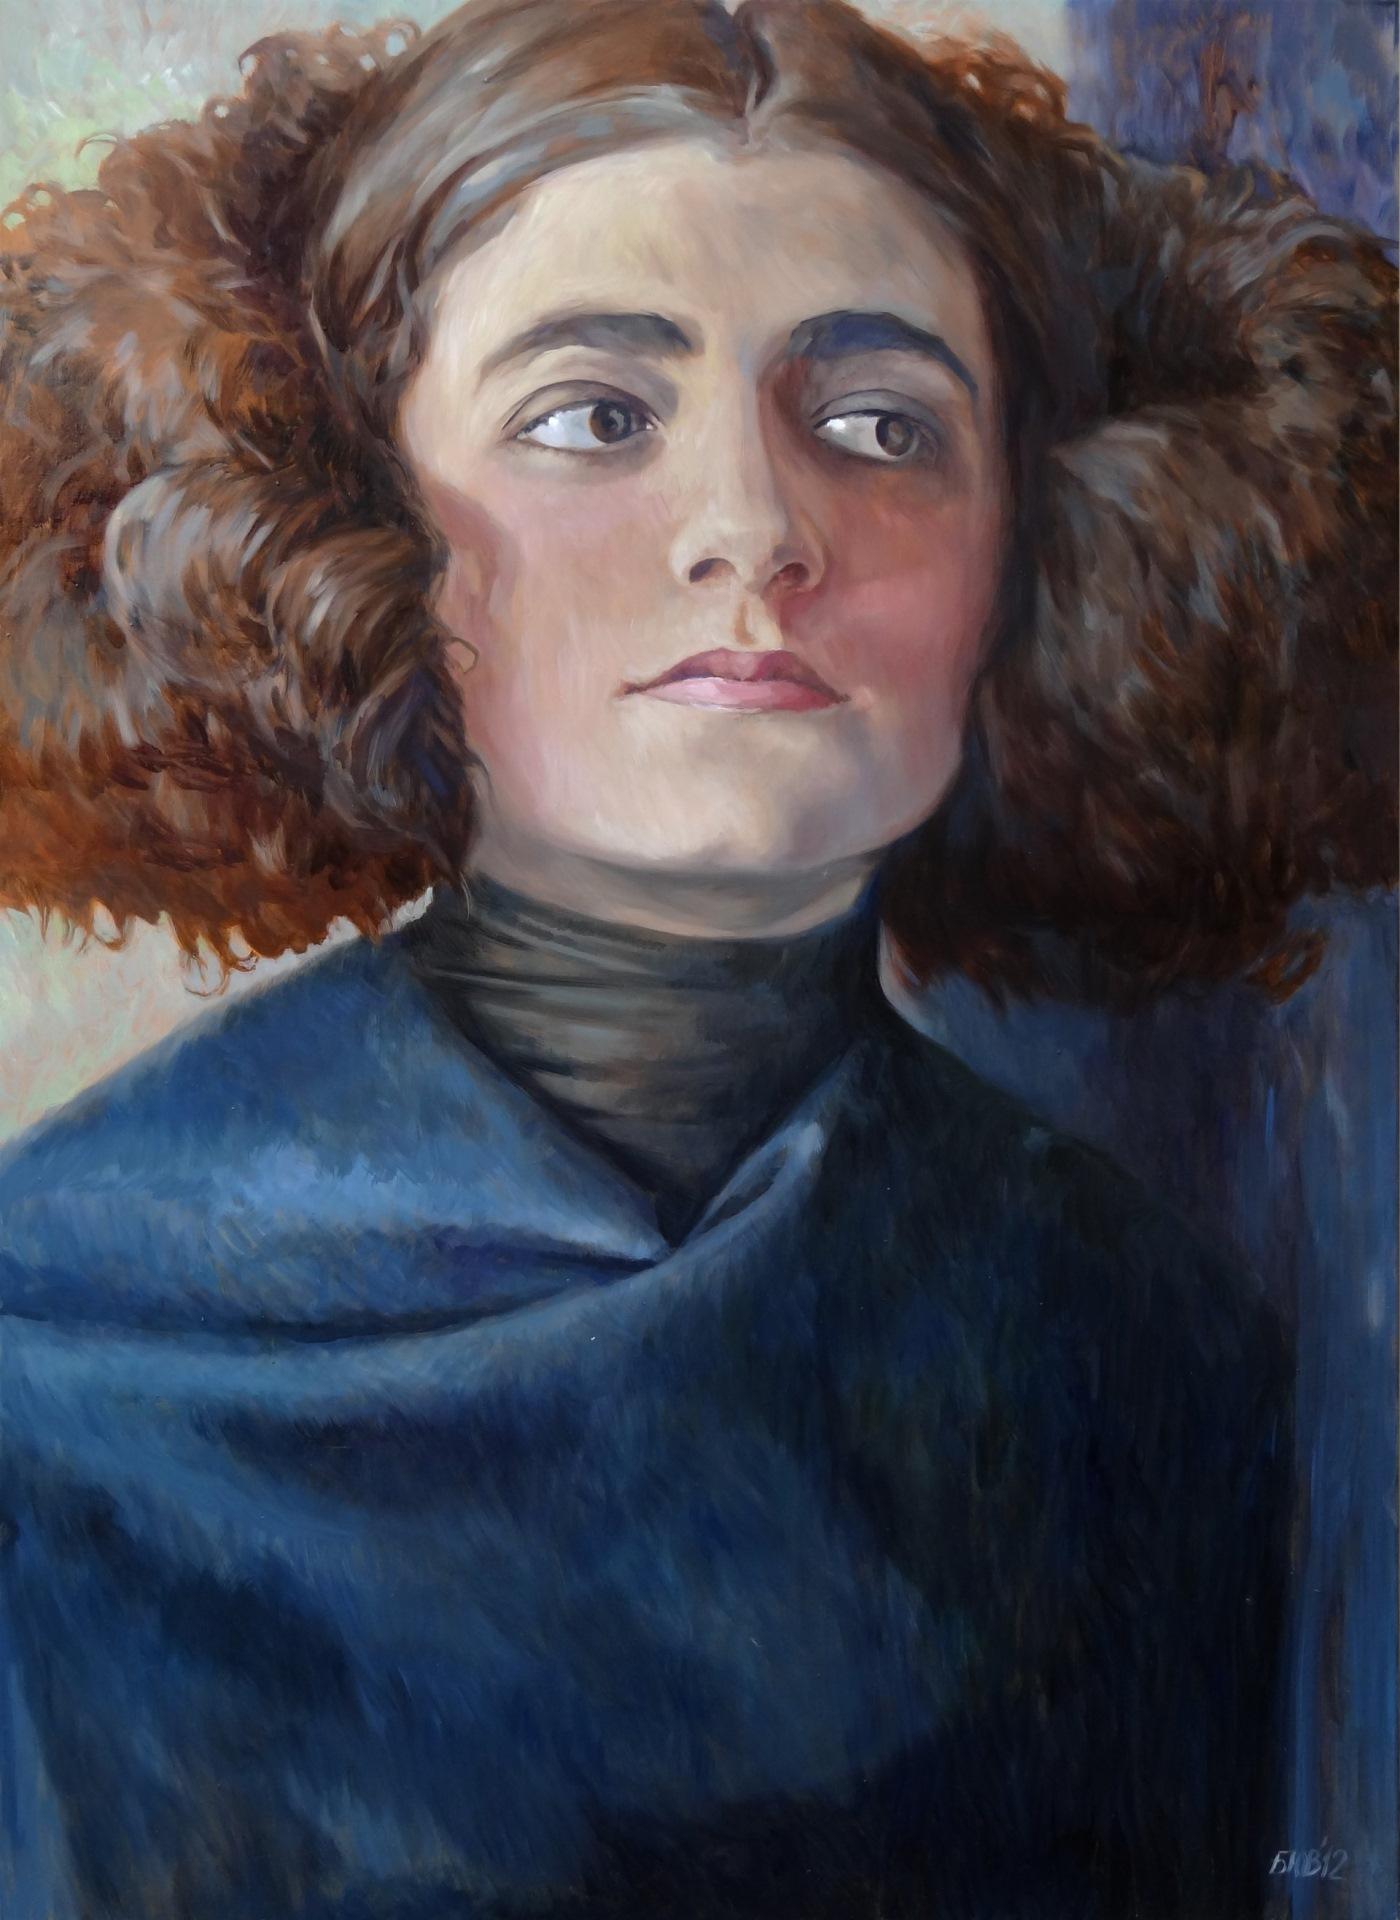 Gemälde von Julia Belot: Ruth Klinger, Öl auf Leinwand, 140 cm x 100 cm, 2012